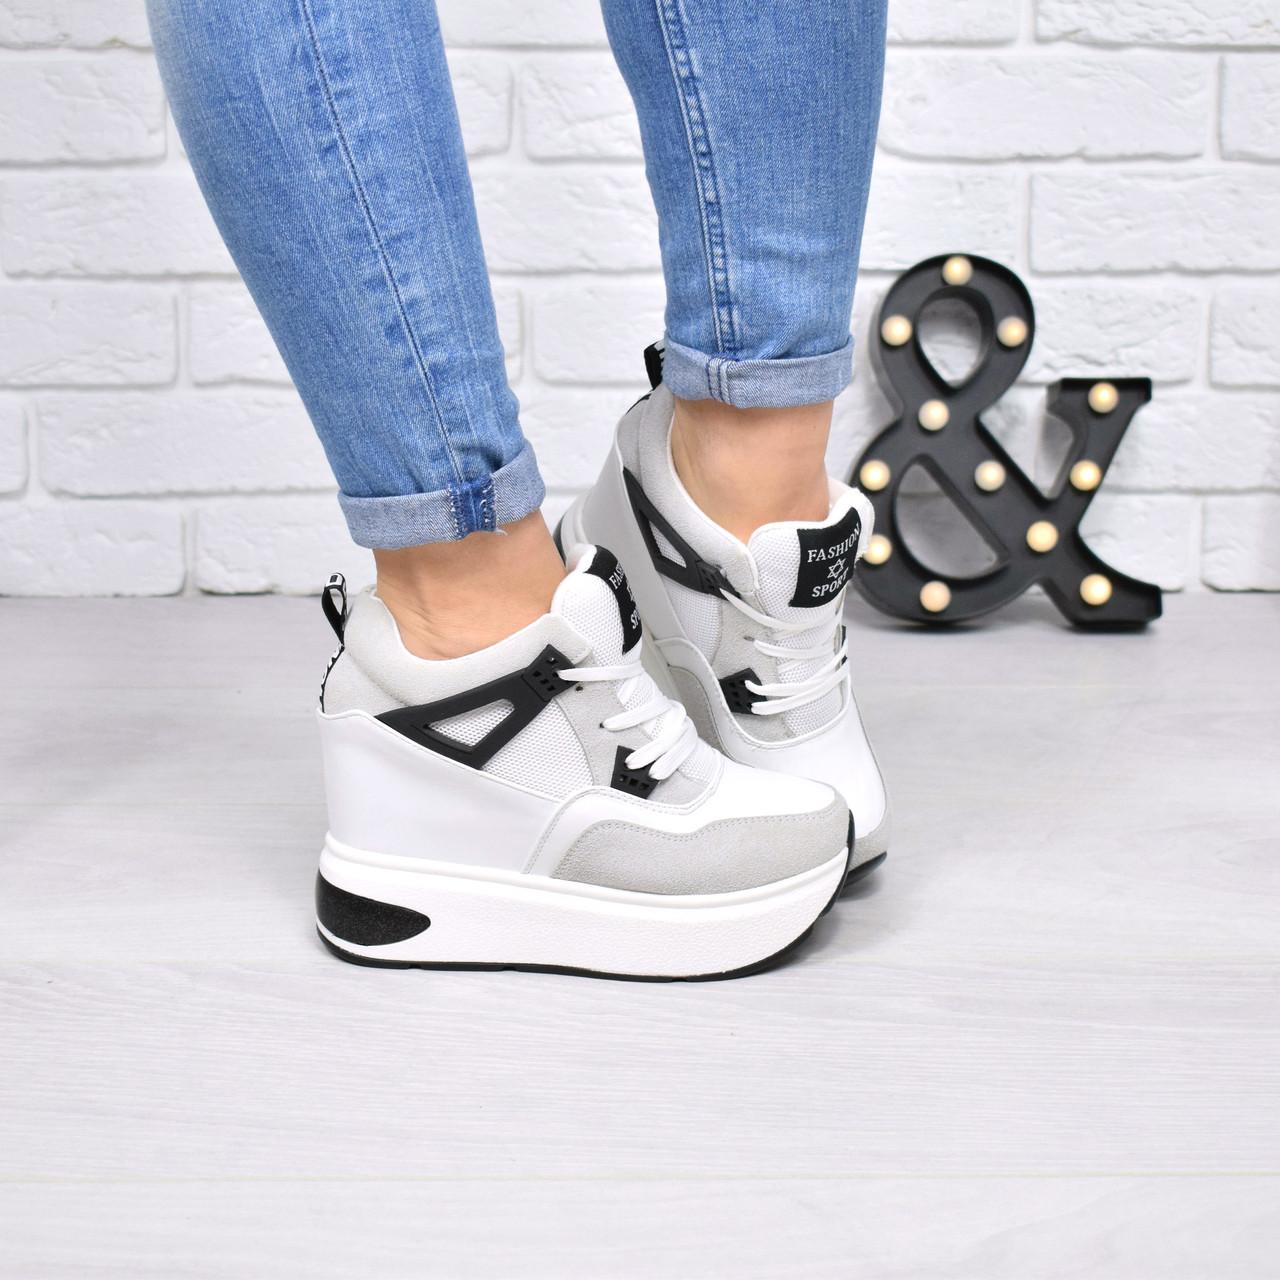 916fd52ce2b1 Кроссовки женские на платформе Qub белые 4155, спортивная обувь ...